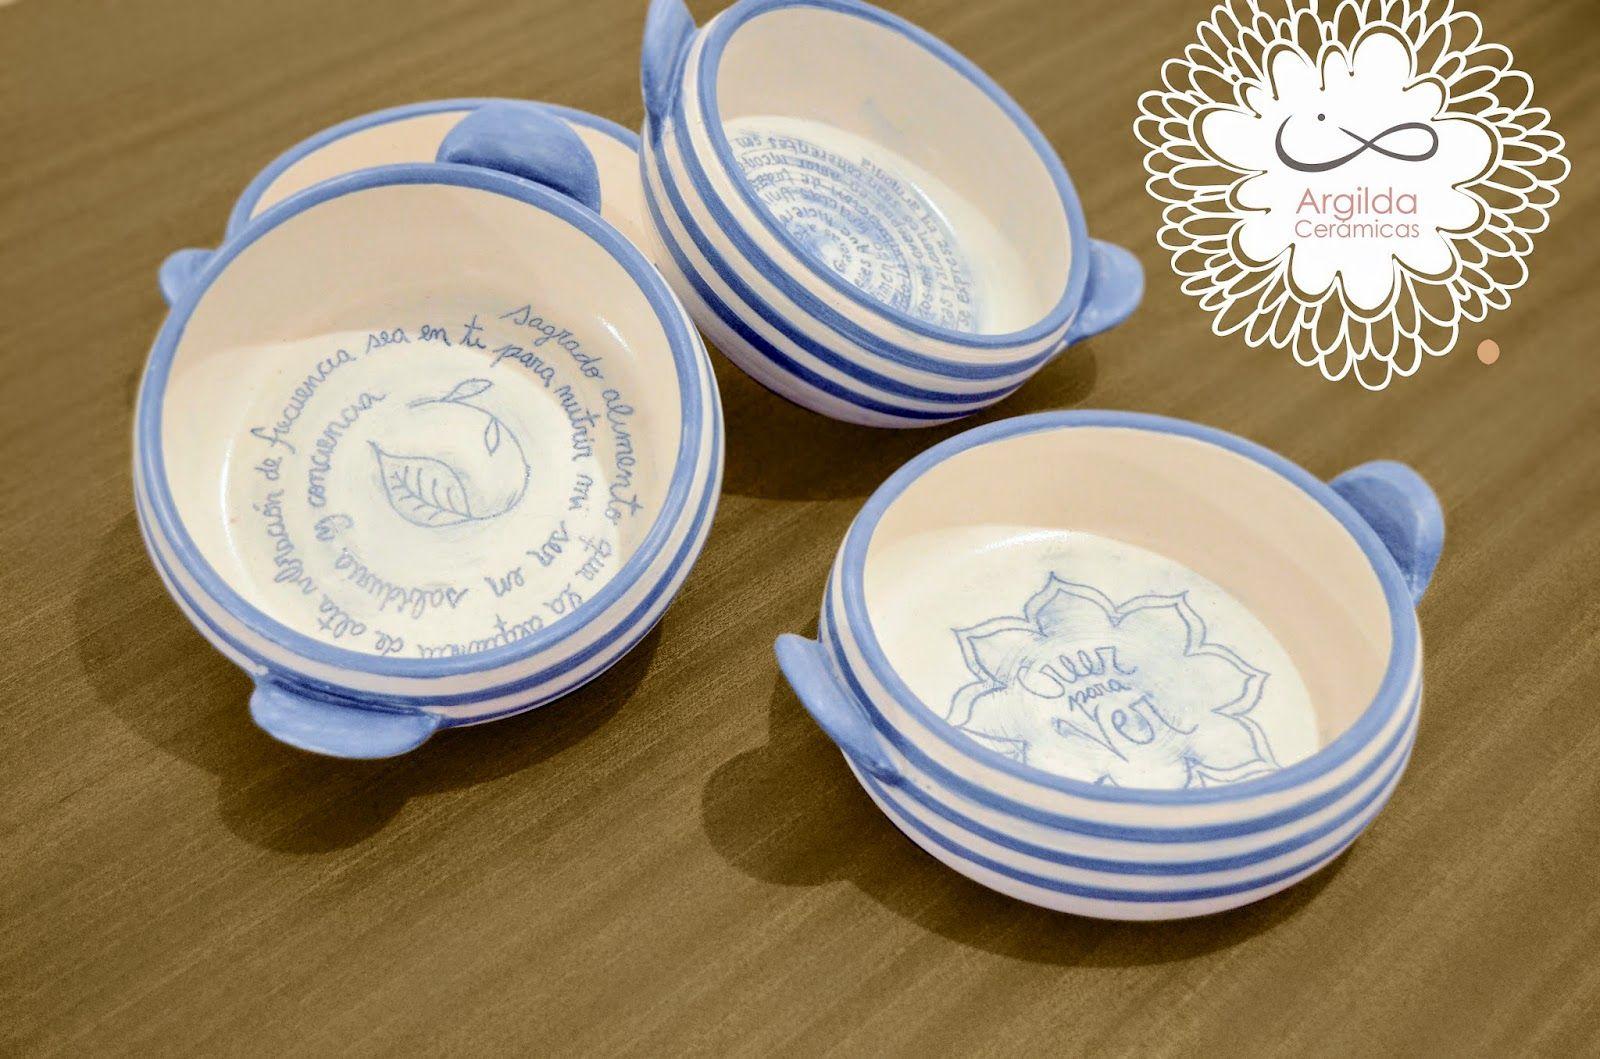 Juego de 4 cacharros con frases activadoras de alimento, en cerámica de gres.  gildatomasini.blogspot.com.ar facebook.com/Argilda